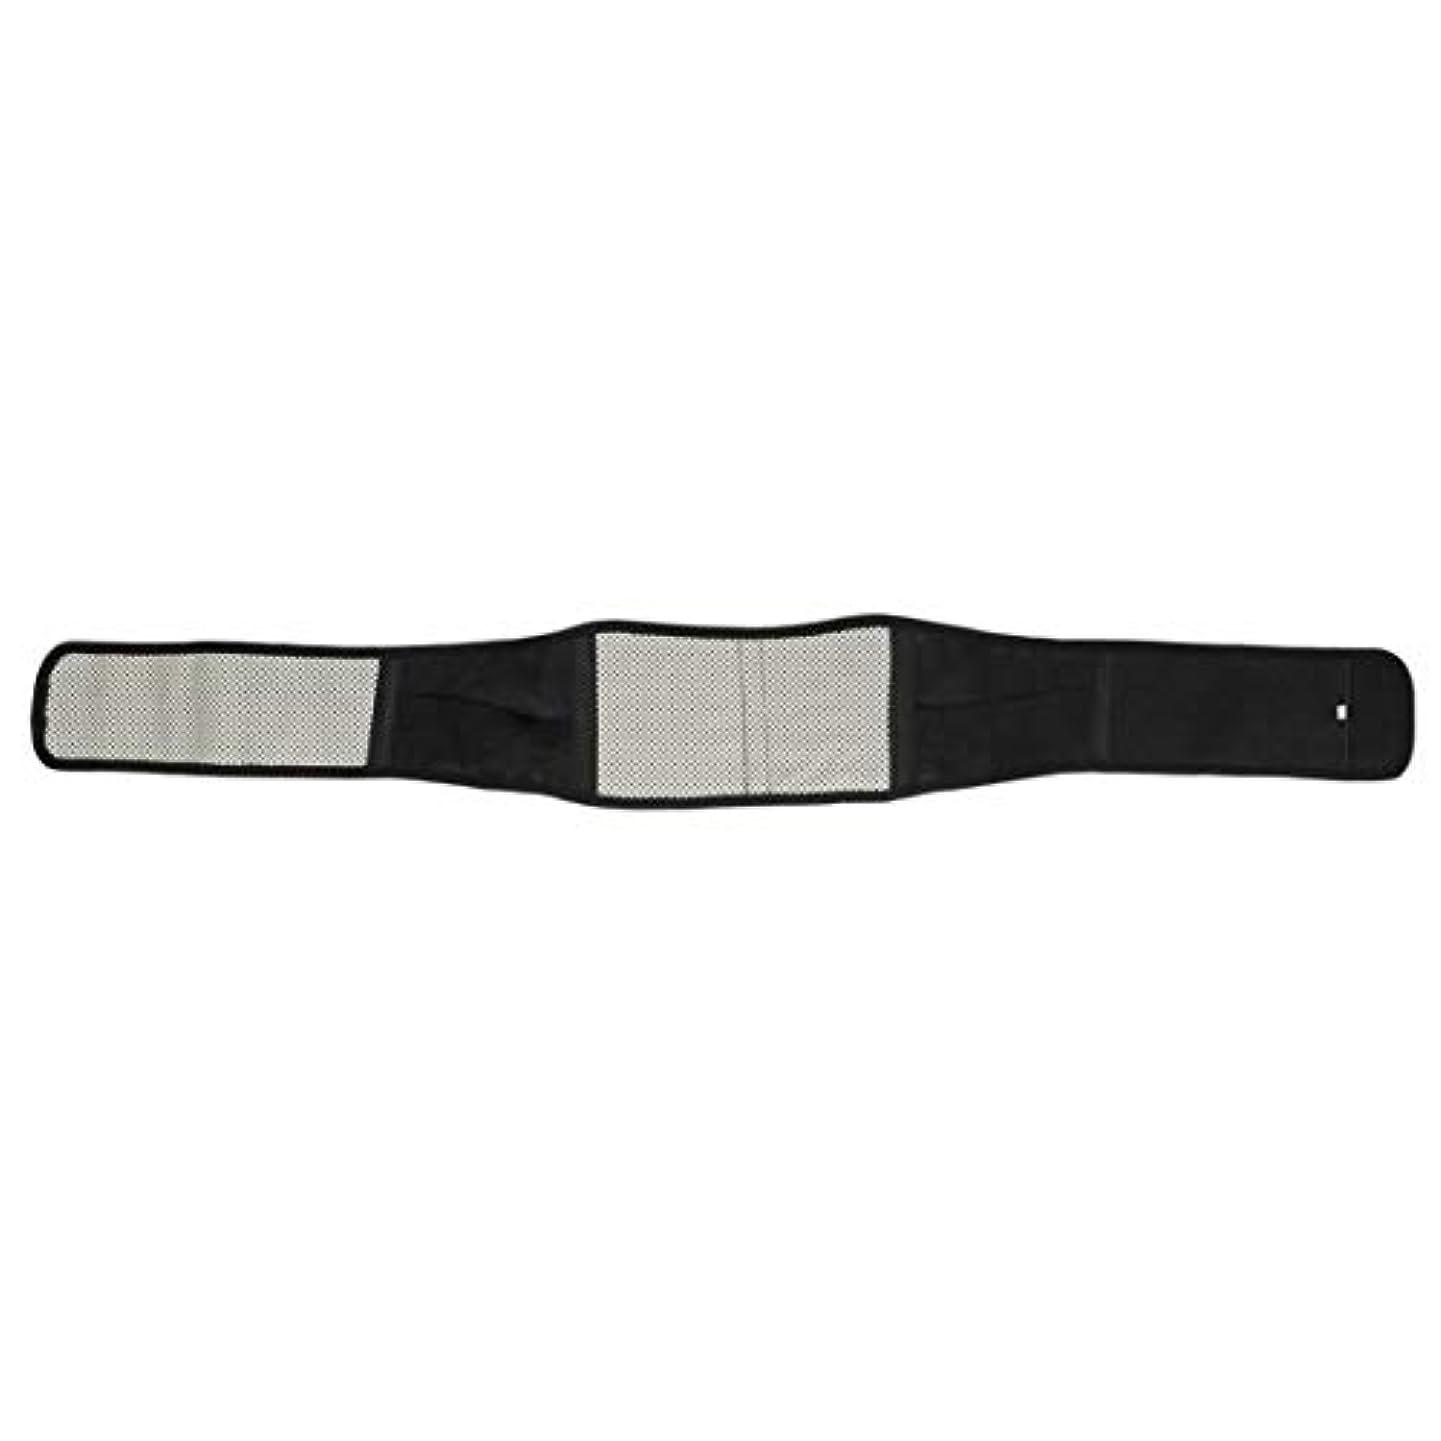 見かけ上について偽善者腰部サポートマッサージャー赤外線磁気バックブレース自己発熱療法ウエストベルト調節可能な姿勢ベルト-ブラックM